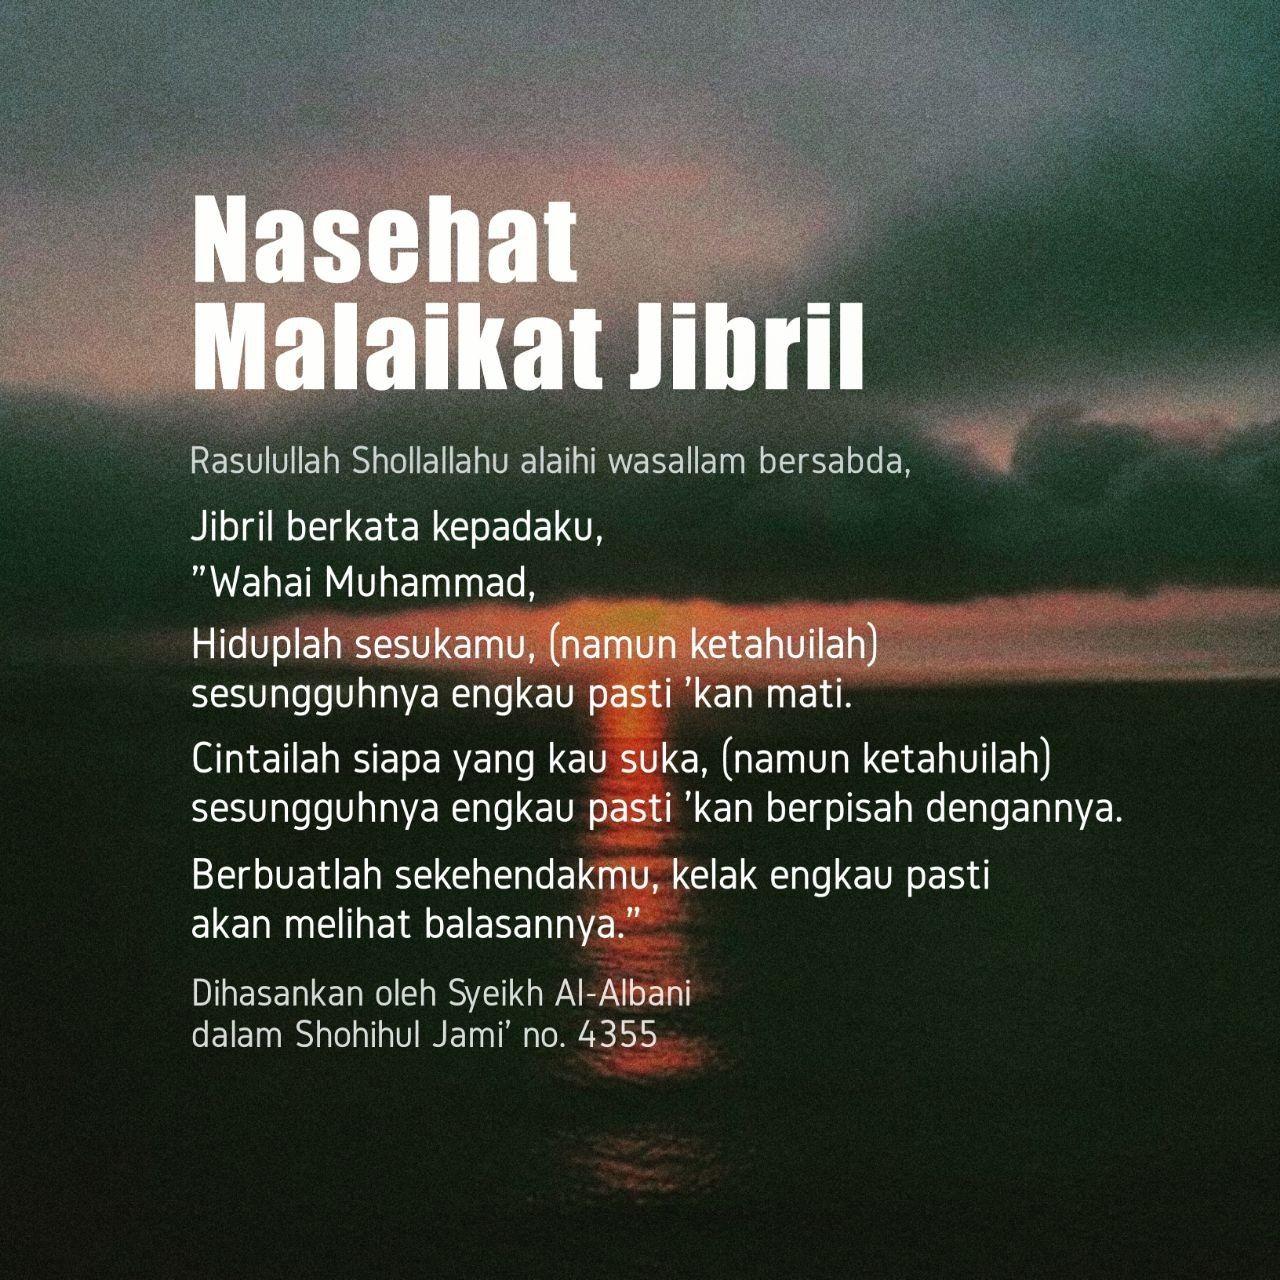 Pin Oleh Willasmara Di Islam Motivasi Malaikat Jibril Kutipan